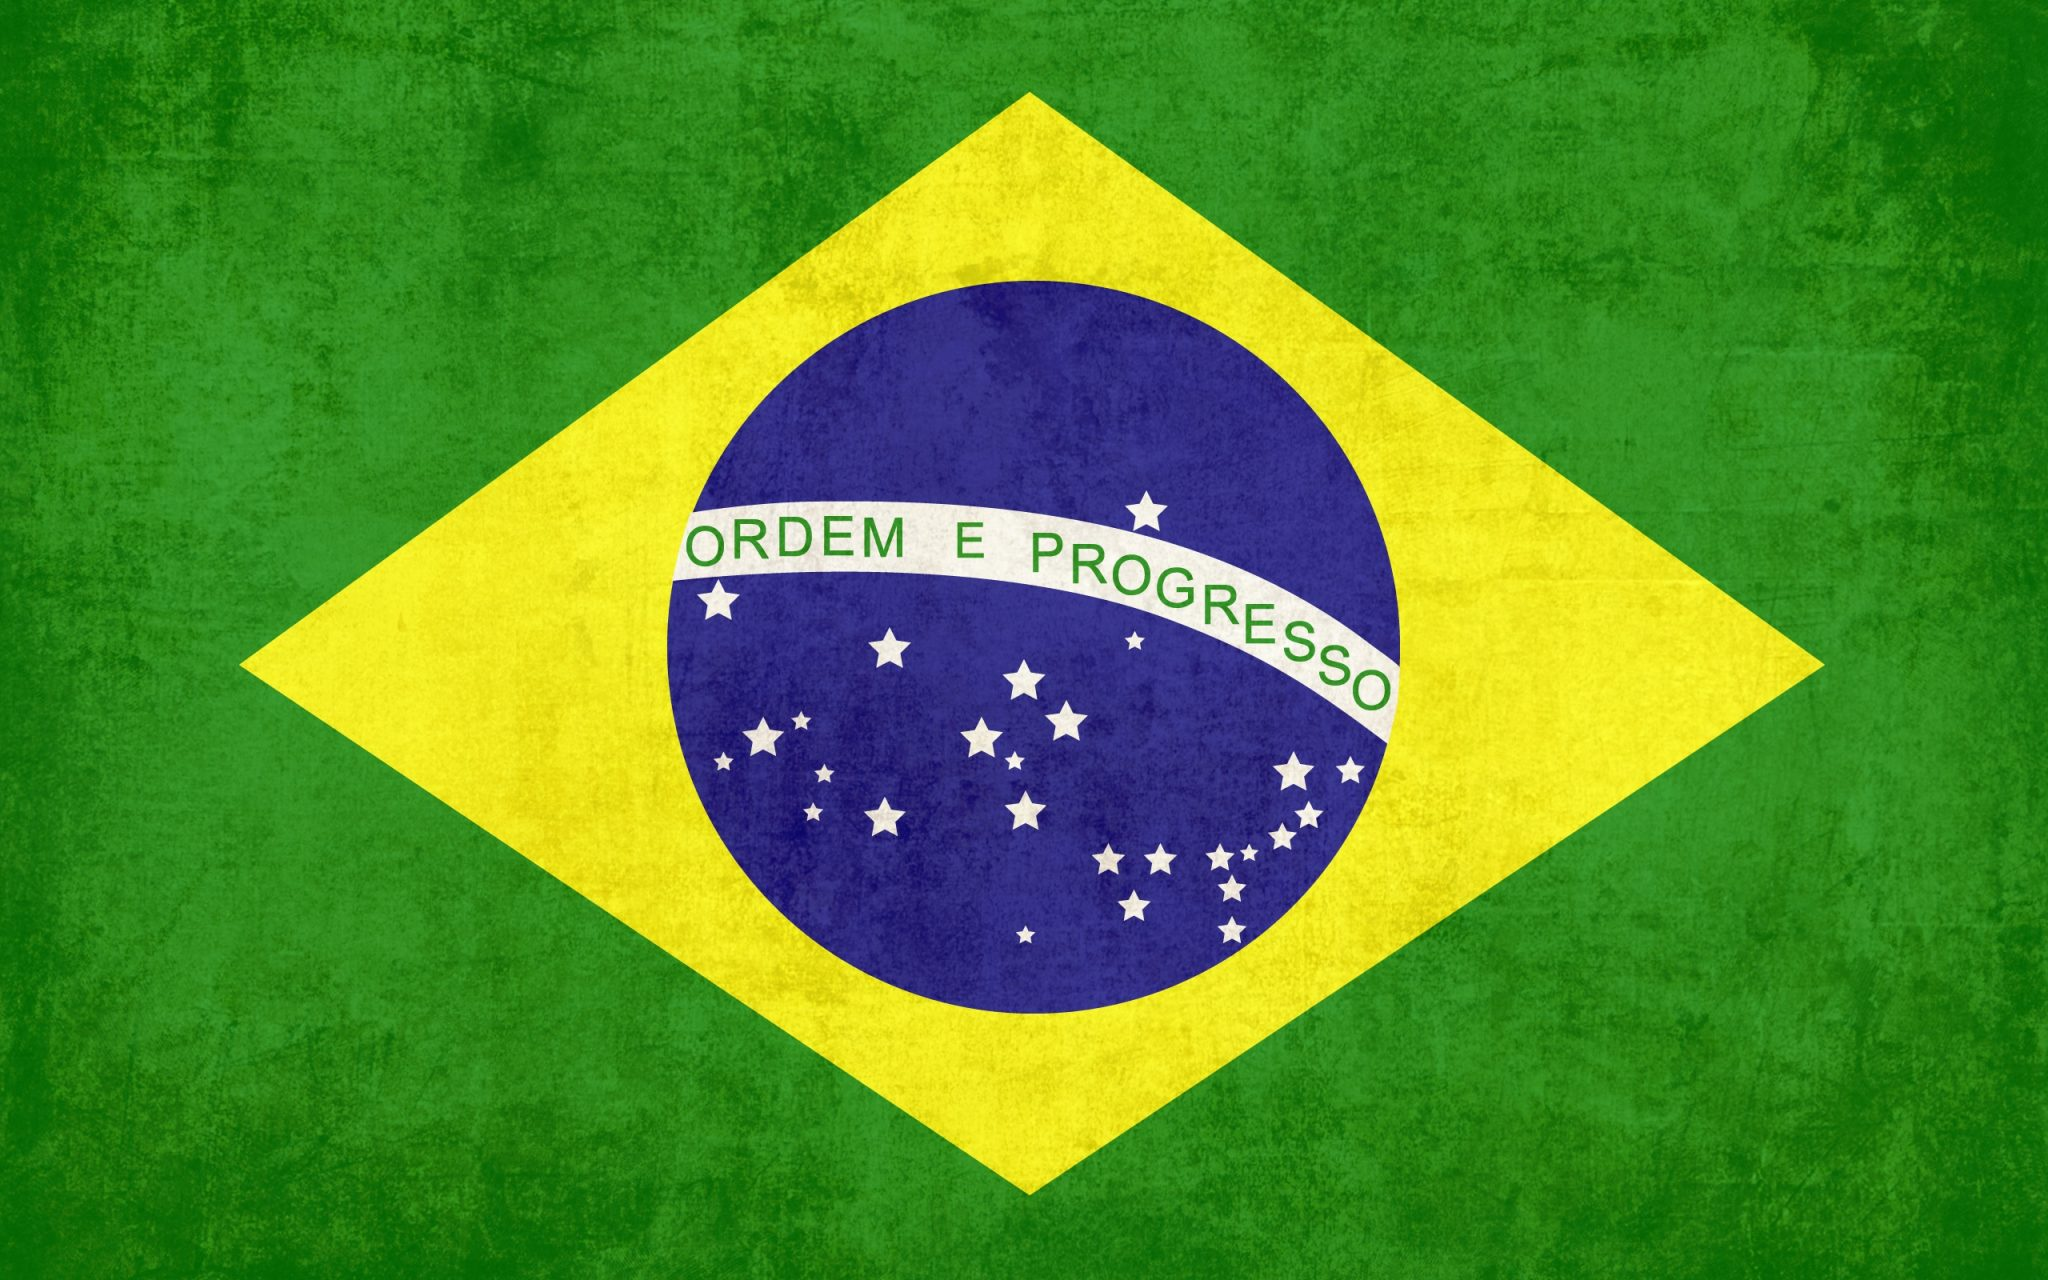 Бразильское правительство собирает информацию о местных криптобиржах